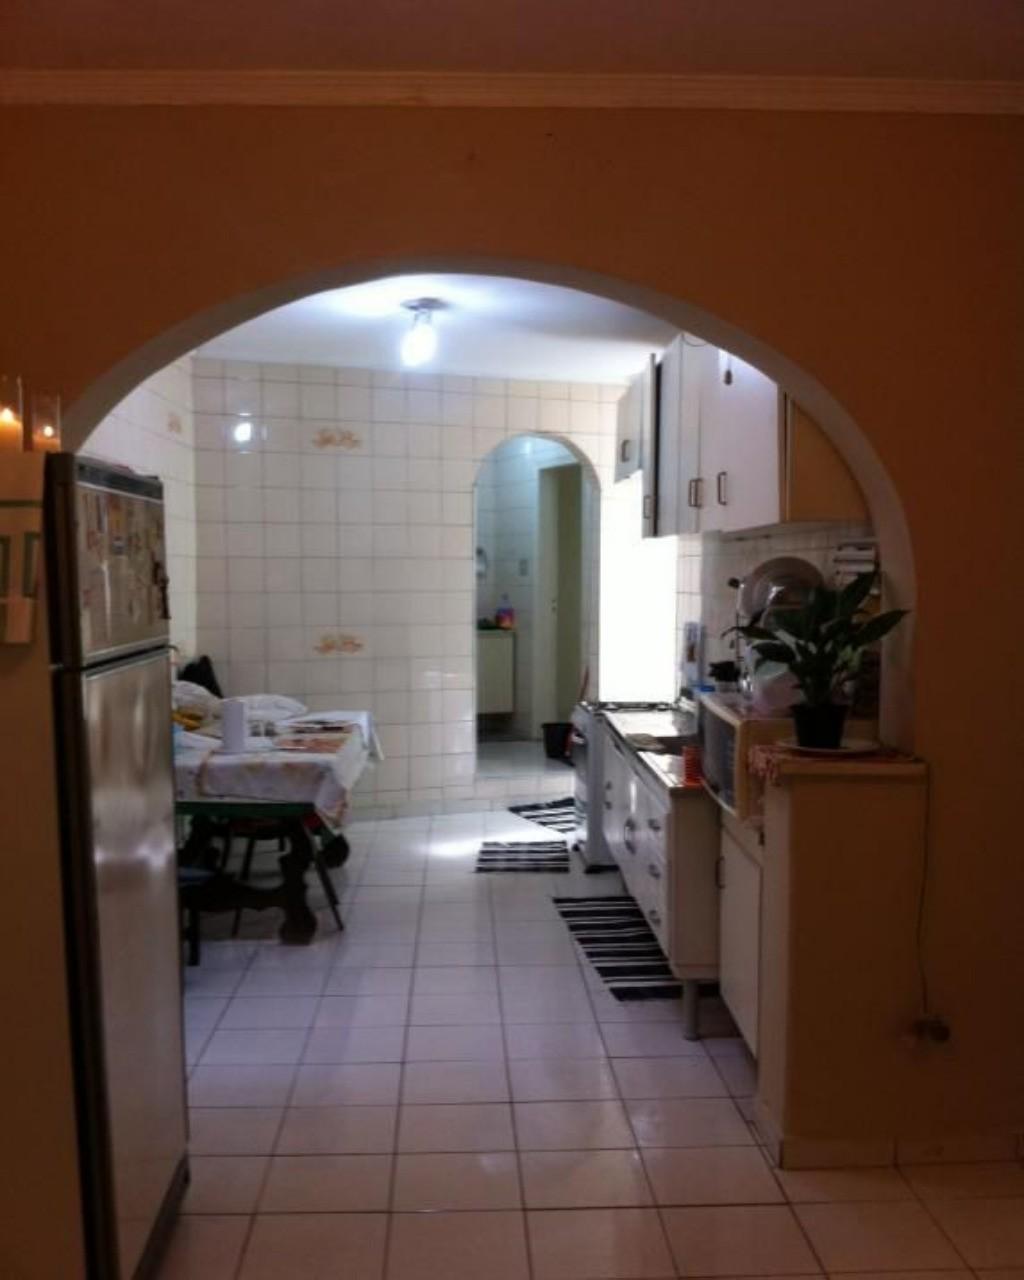 comprar ou alugar casa no bairro interlagos na cidade de sao paulo-sp